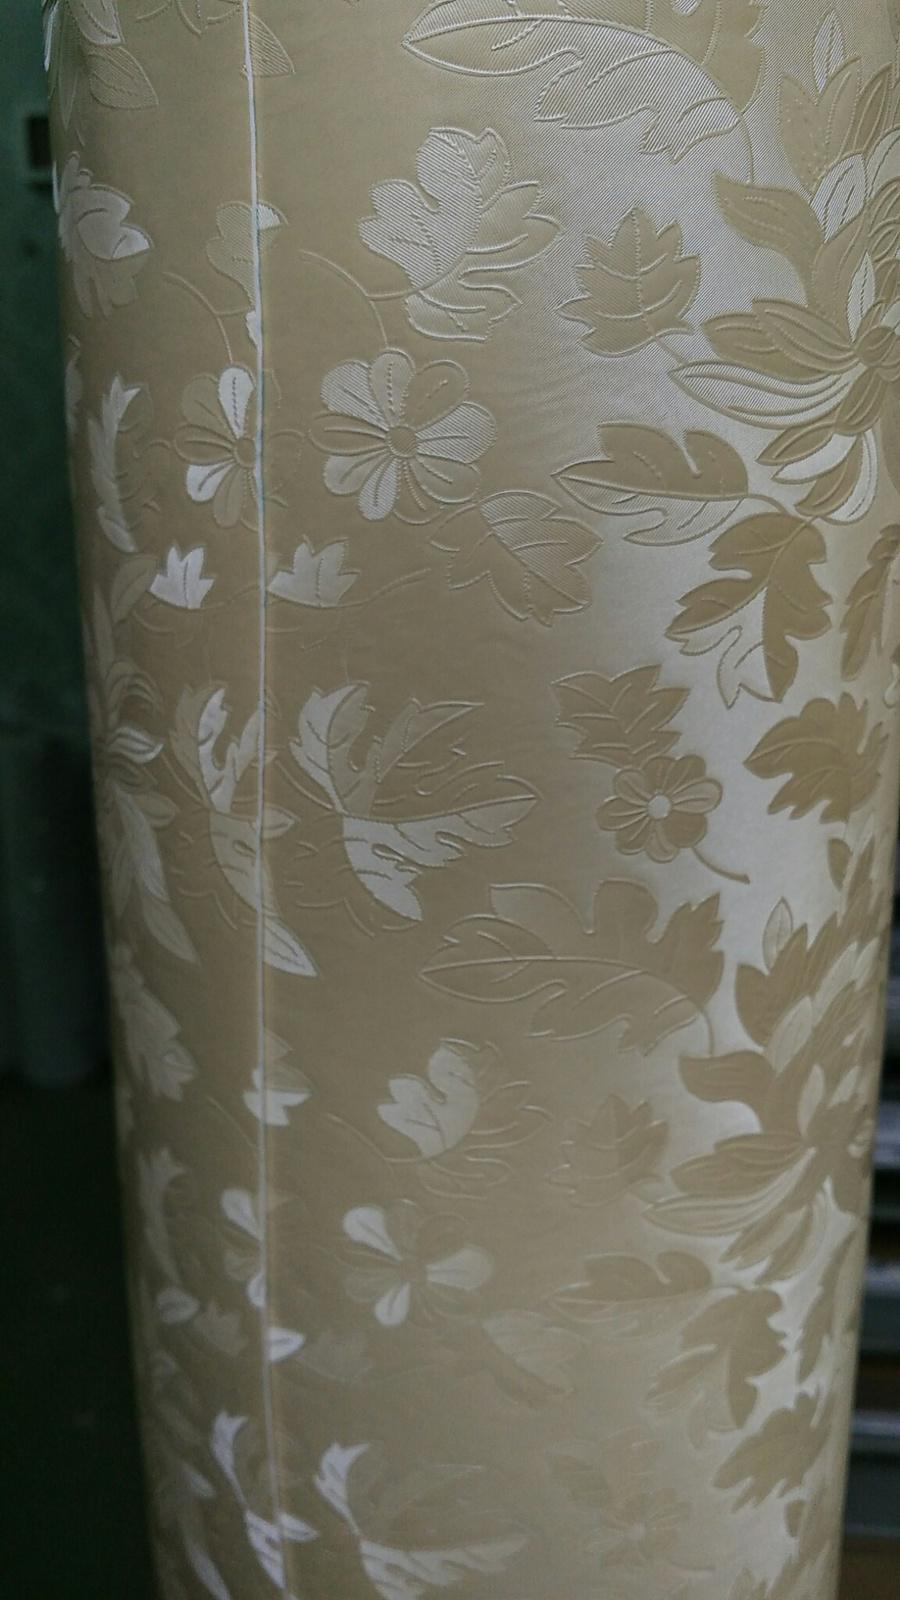 Giấy Decal cuộn họa tiết hoa vân vàng 2 khổ 1.2m(899)